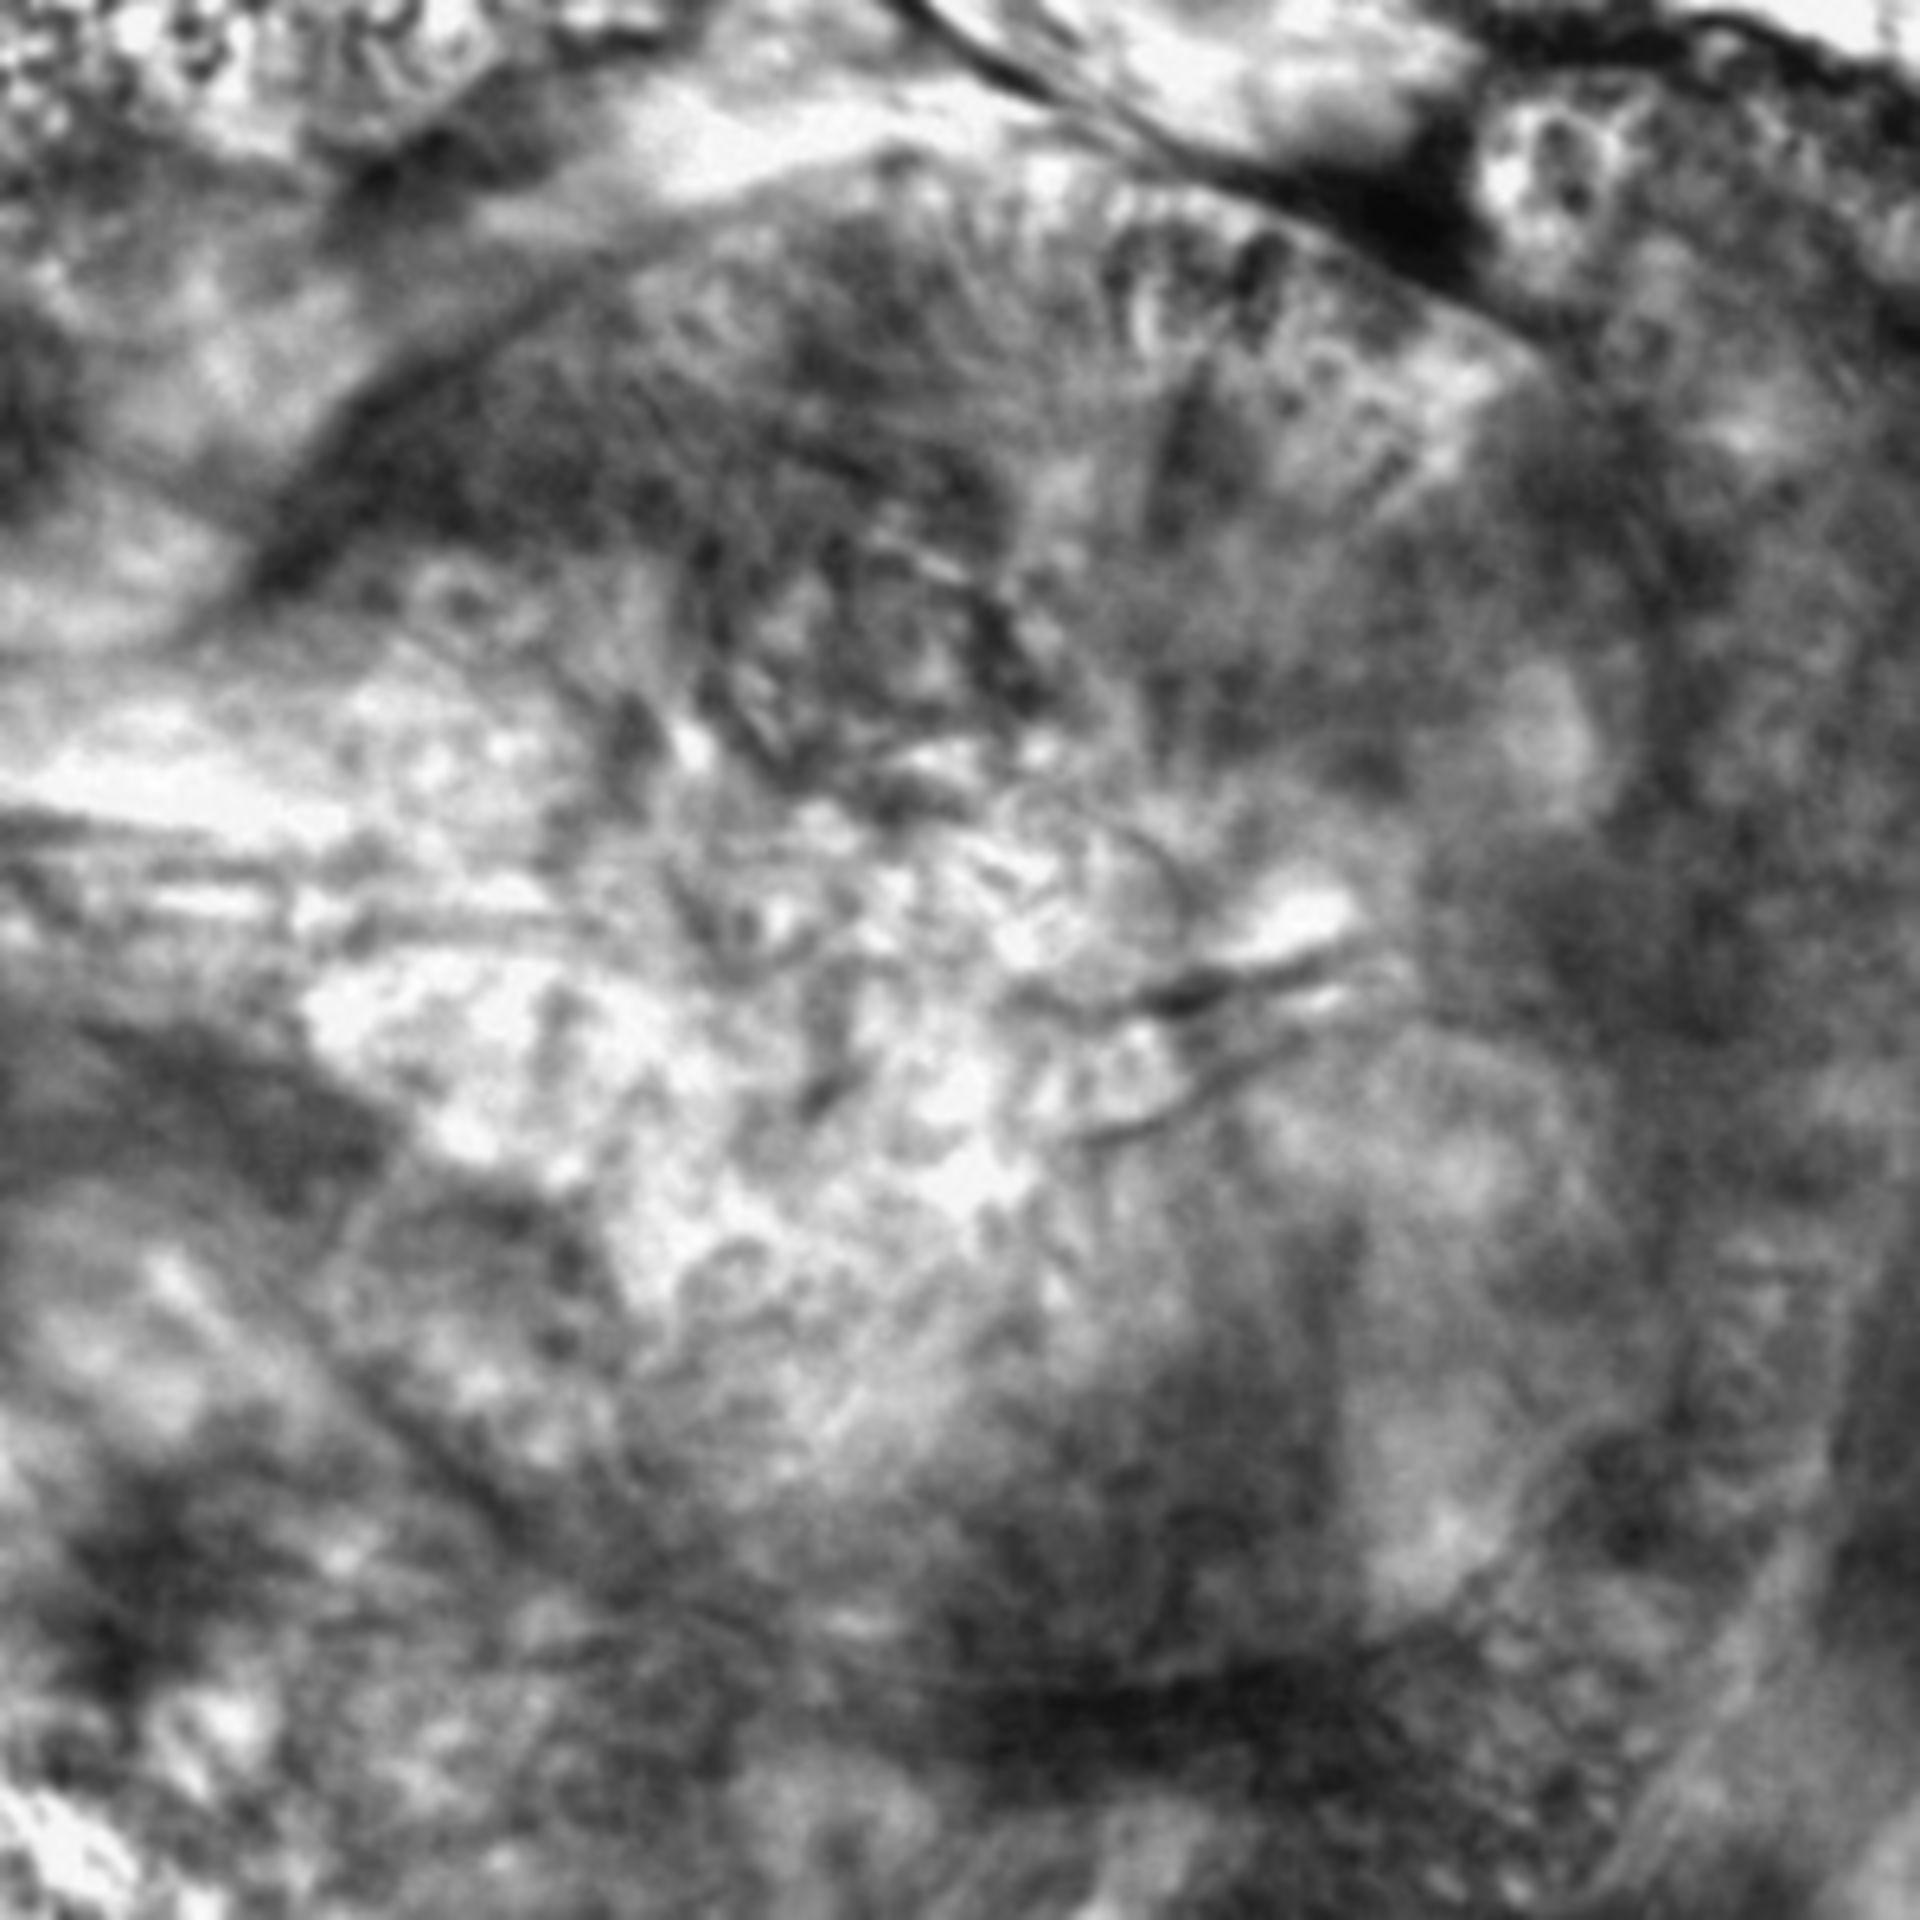 Caenorhabditis elegans - CIL:2573